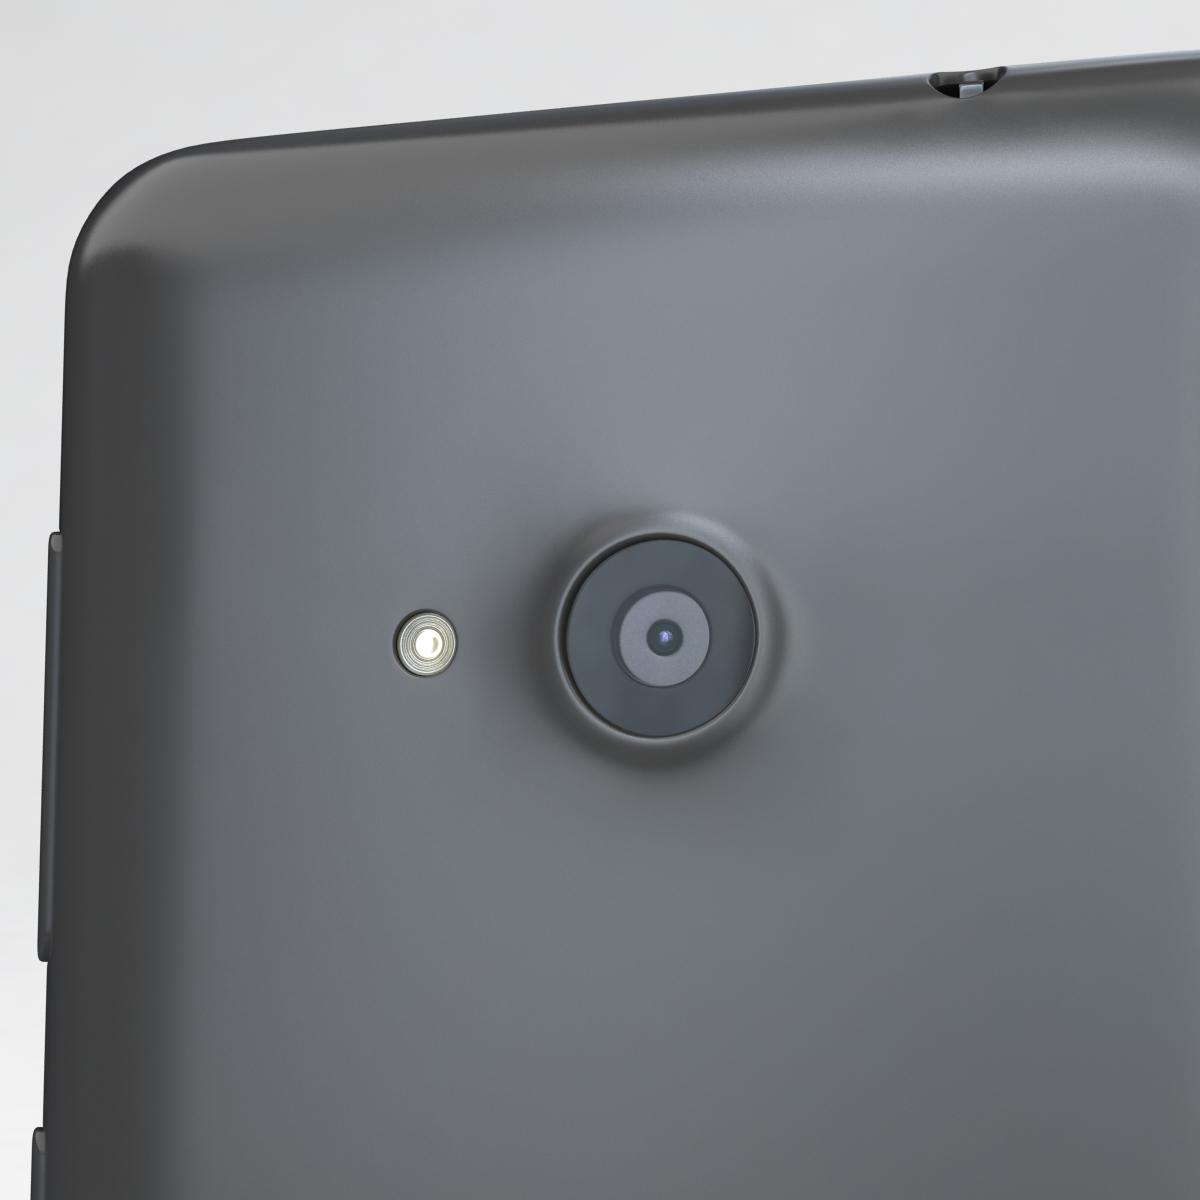 microsoft lumia 535 and dual sim gray 3d model 3ds max fbx c4d obj 204471